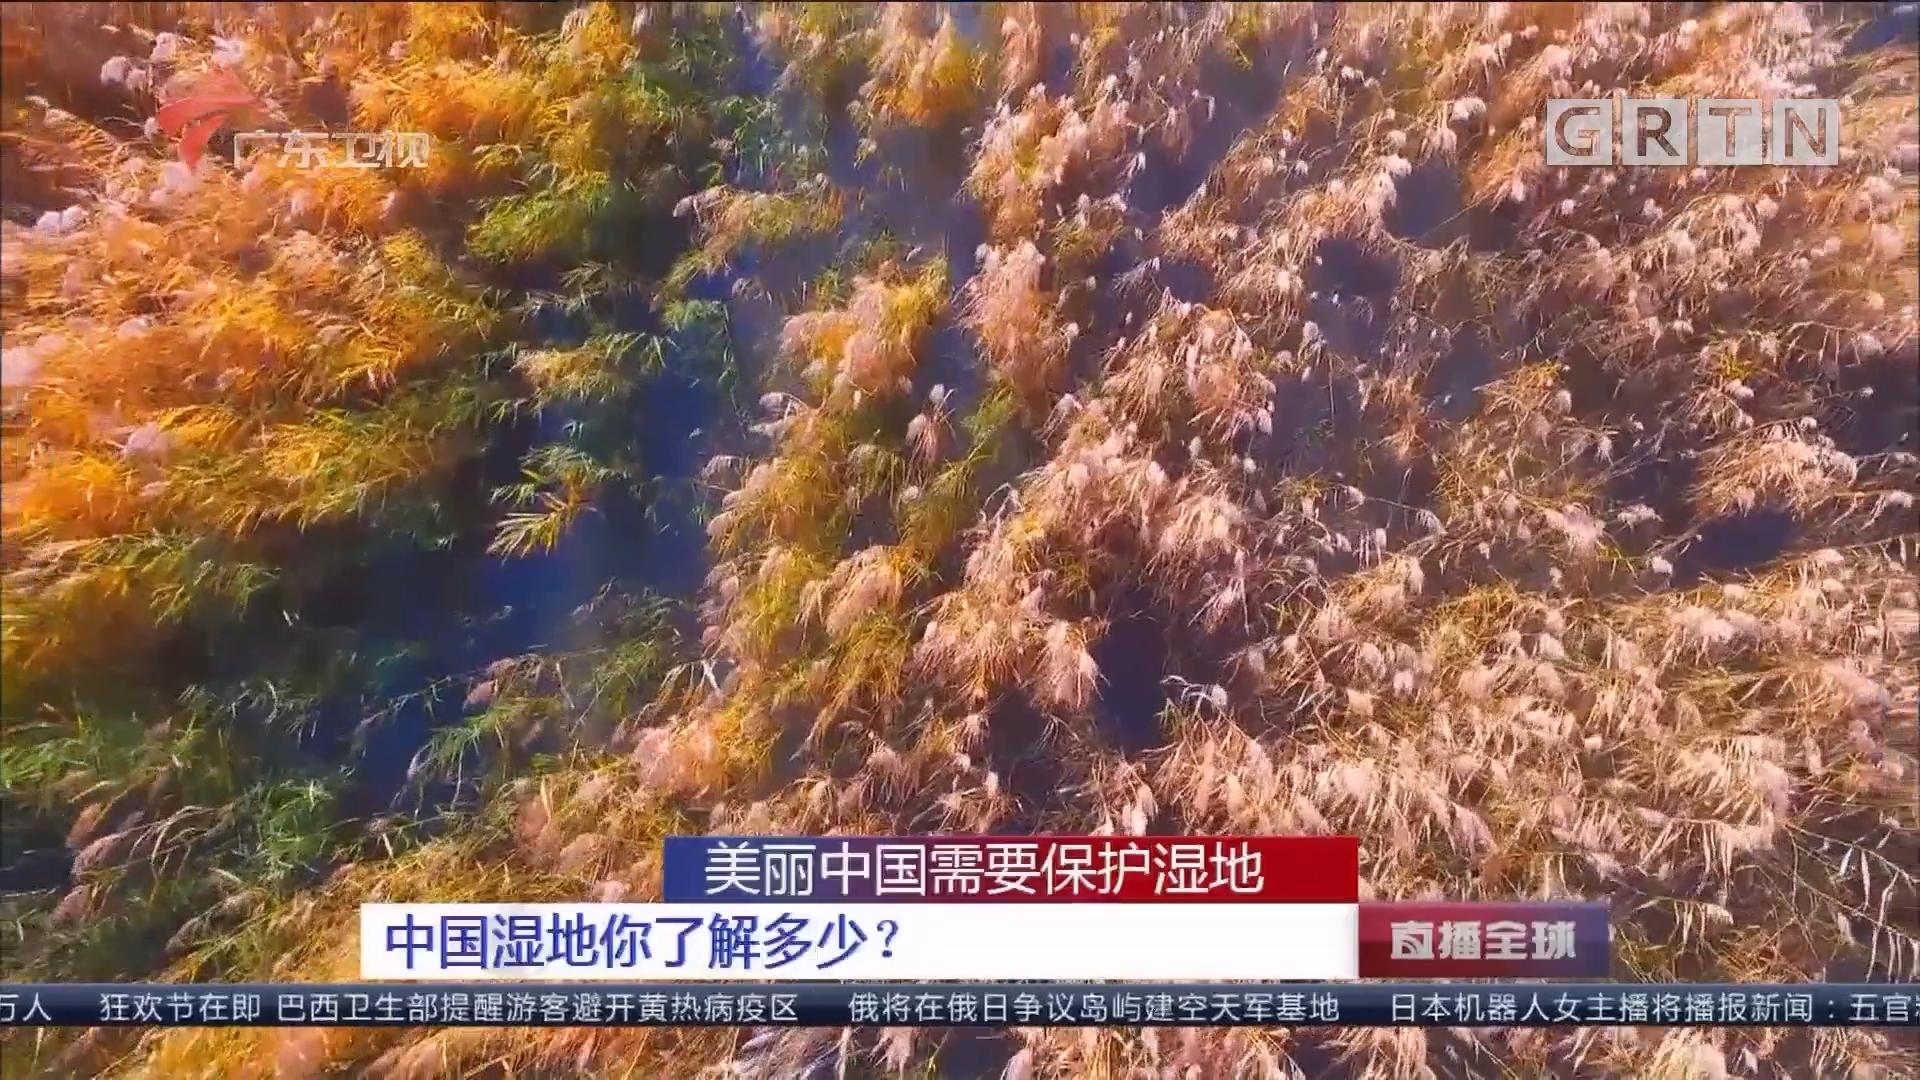 美丽中国需要保护湿地 中国湿地你了解多少?